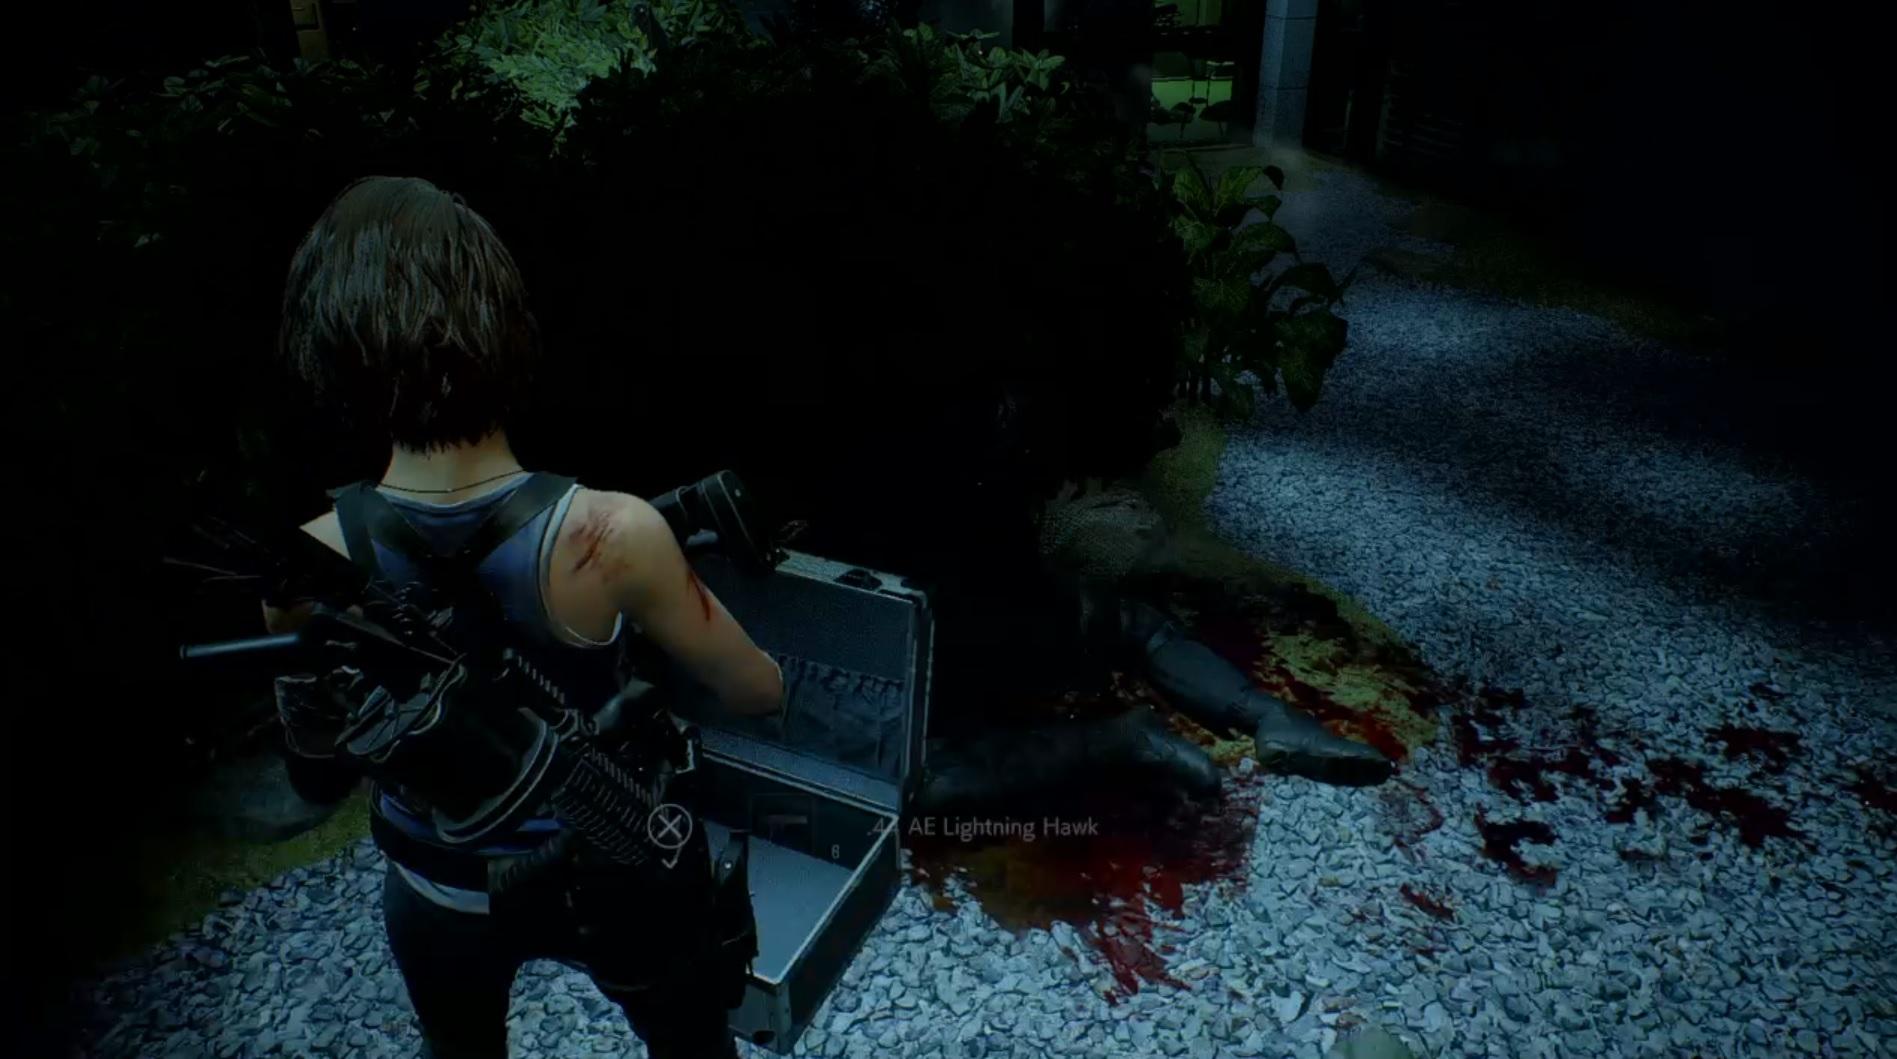 Resident Evil 3 remake's Lightning Hawk magnum.